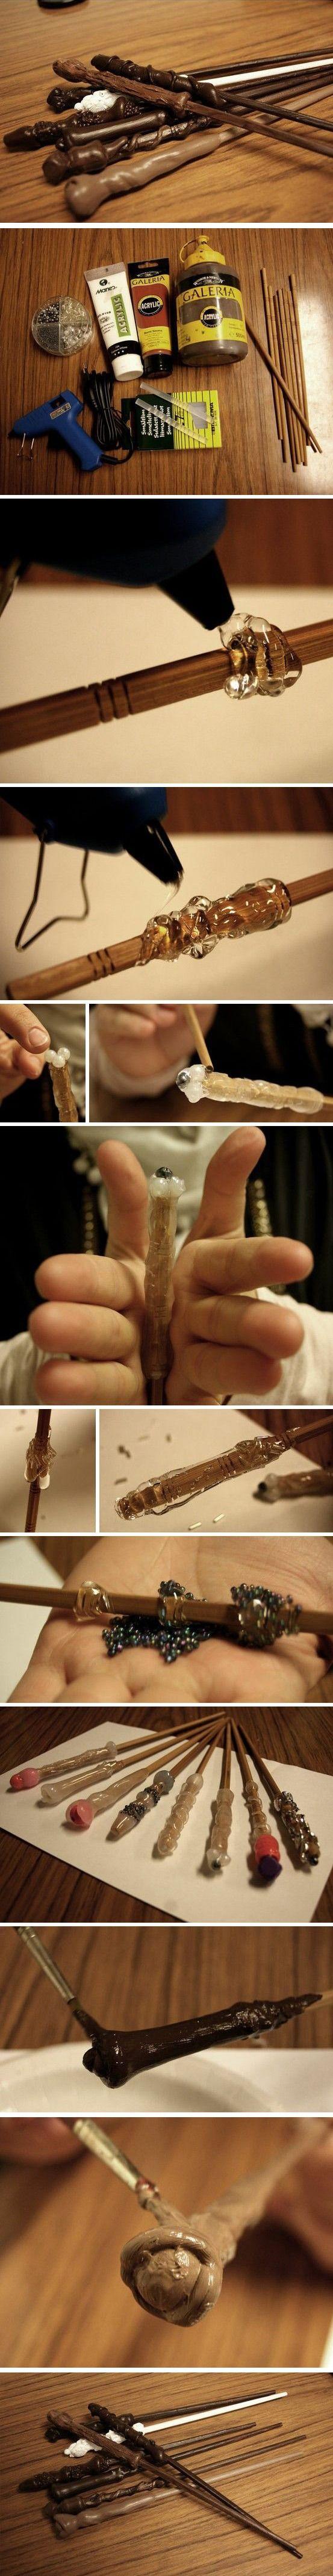 DIY Harry Potter Magic wand / Магия праздника: 50 классных идей для вечеринки в стиле Гарри Поттера - Ярмарка Мастеров - ручная работа, handmade